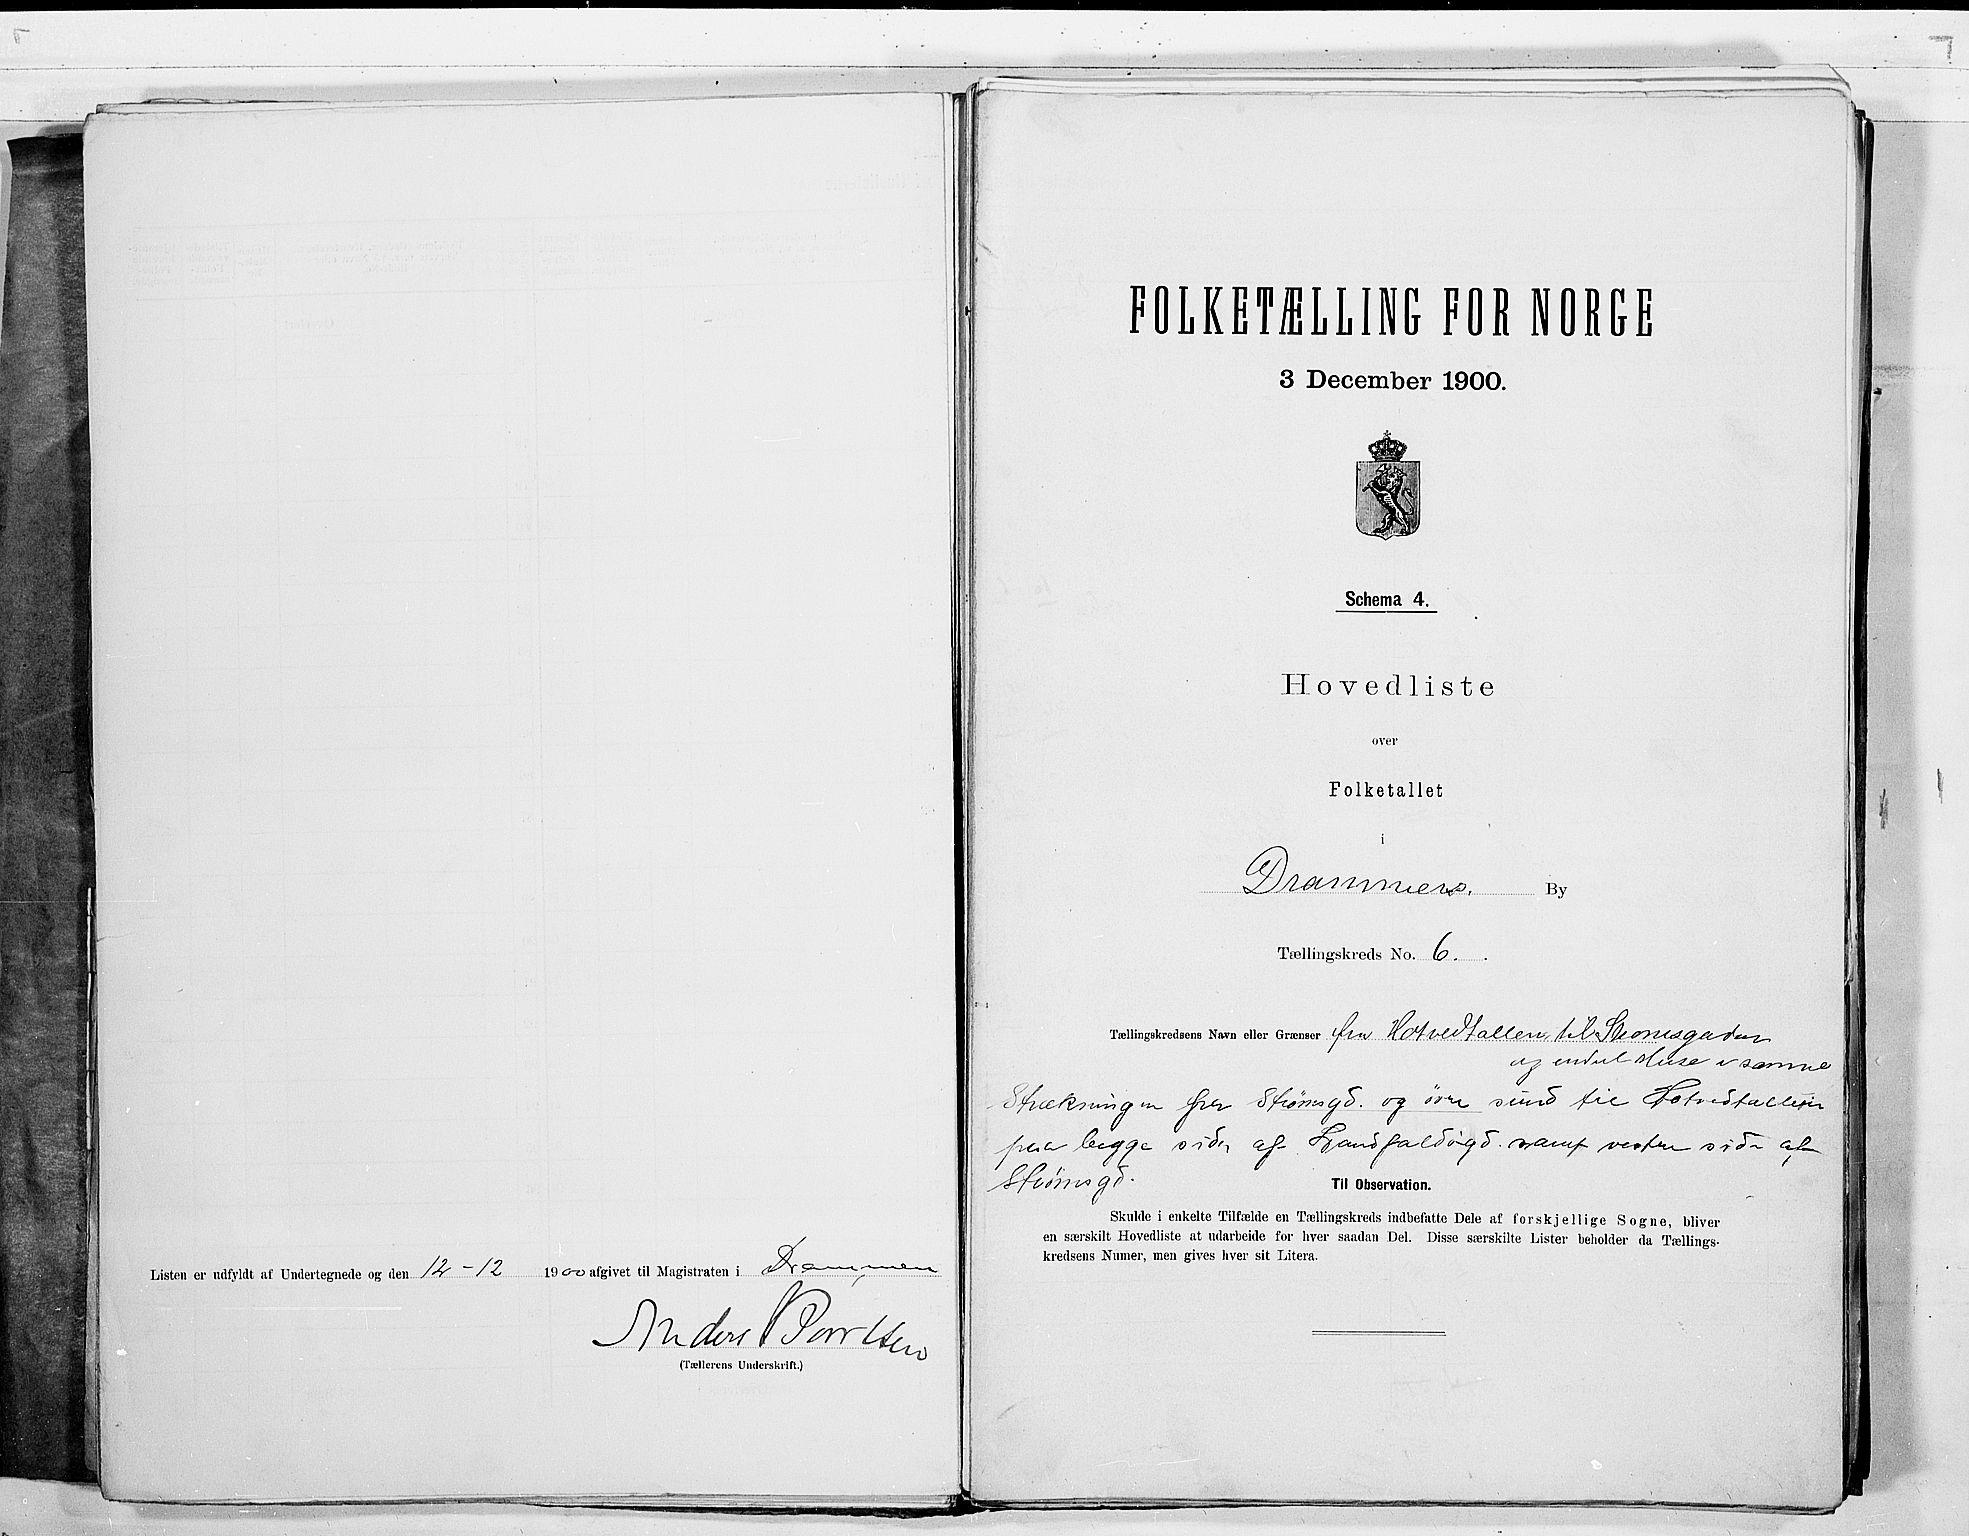 RA, Folketelling 1900 for 0602 Drammen kjøpstad, 1900, s. 17